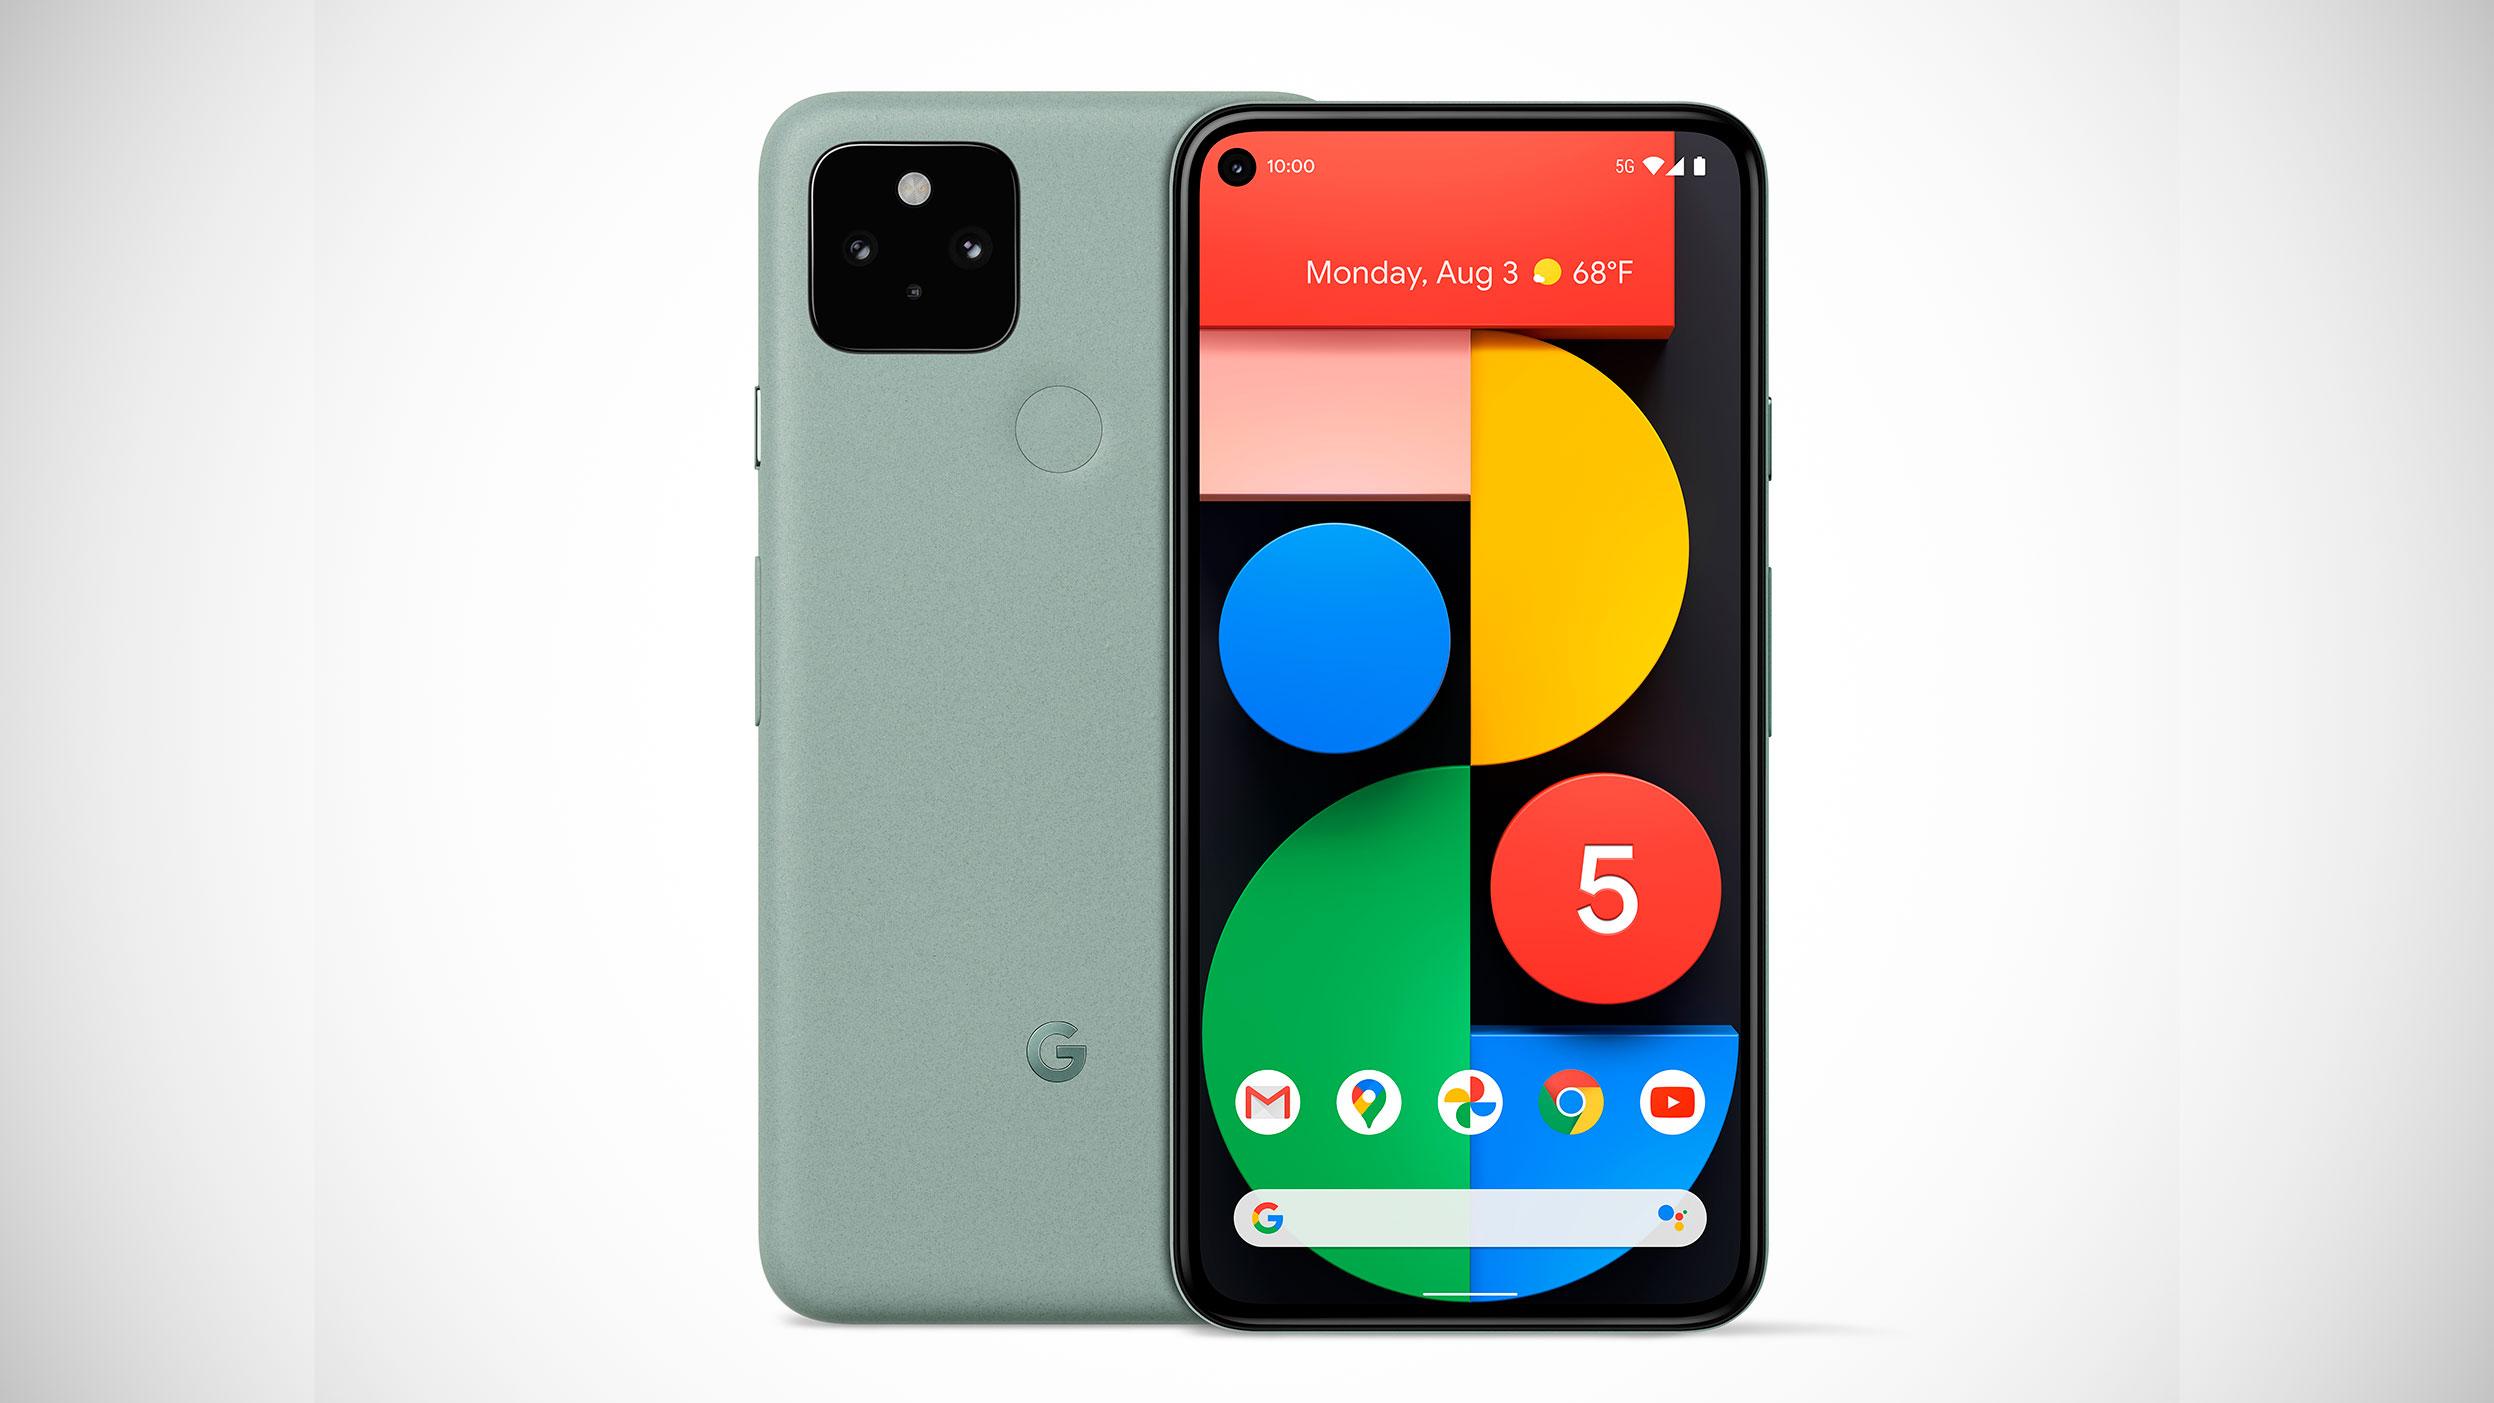 Google now has three mid-range Pixel phones